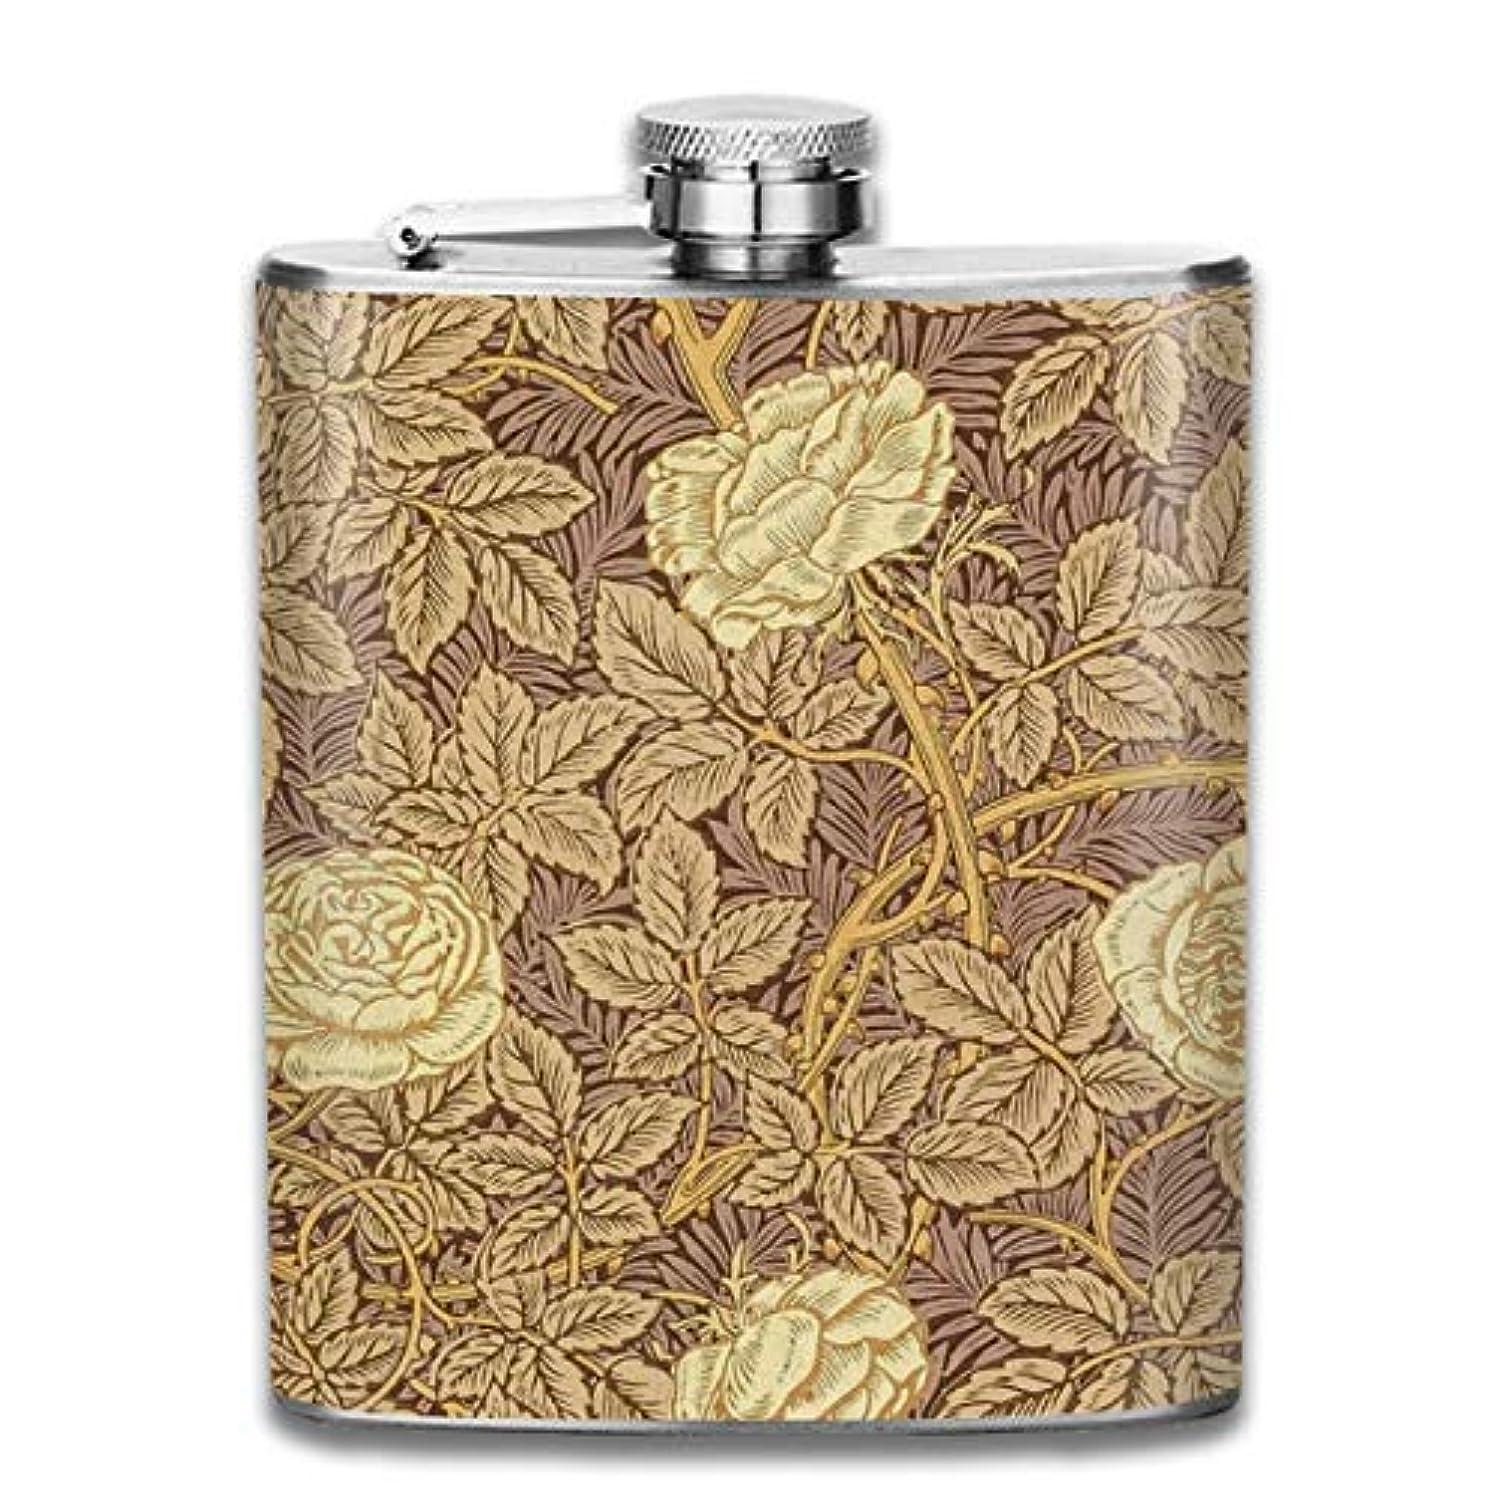 灰強いますたくさんのバラ 復古図案フラスコ スキットル ヒップフラスコ 7オンス 206ml 高品質ステンレス製 ウイスキー アルコール 清酒 携帯 ボトル